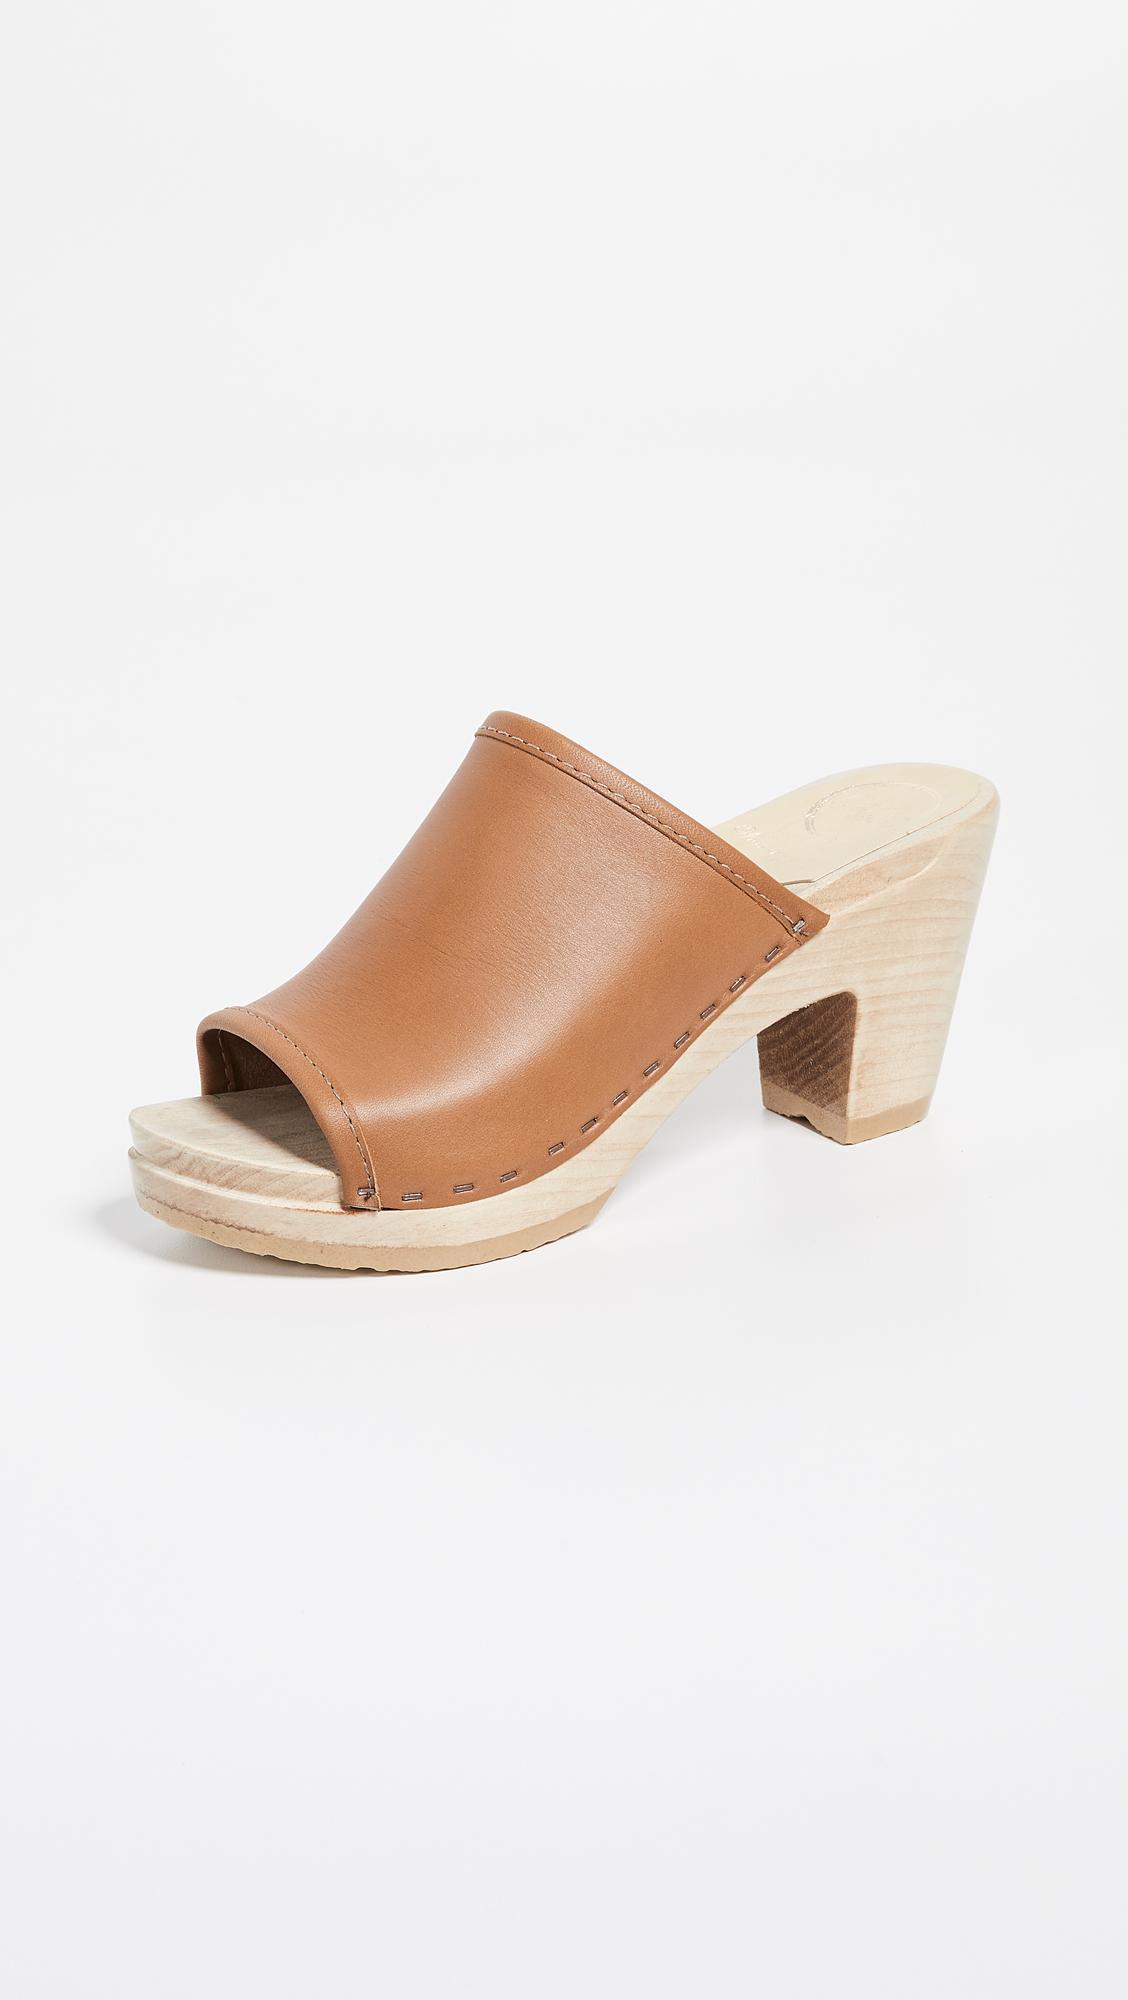 ab8a8e4d4d6a No. 6. Women s Daria High Heel Clogs